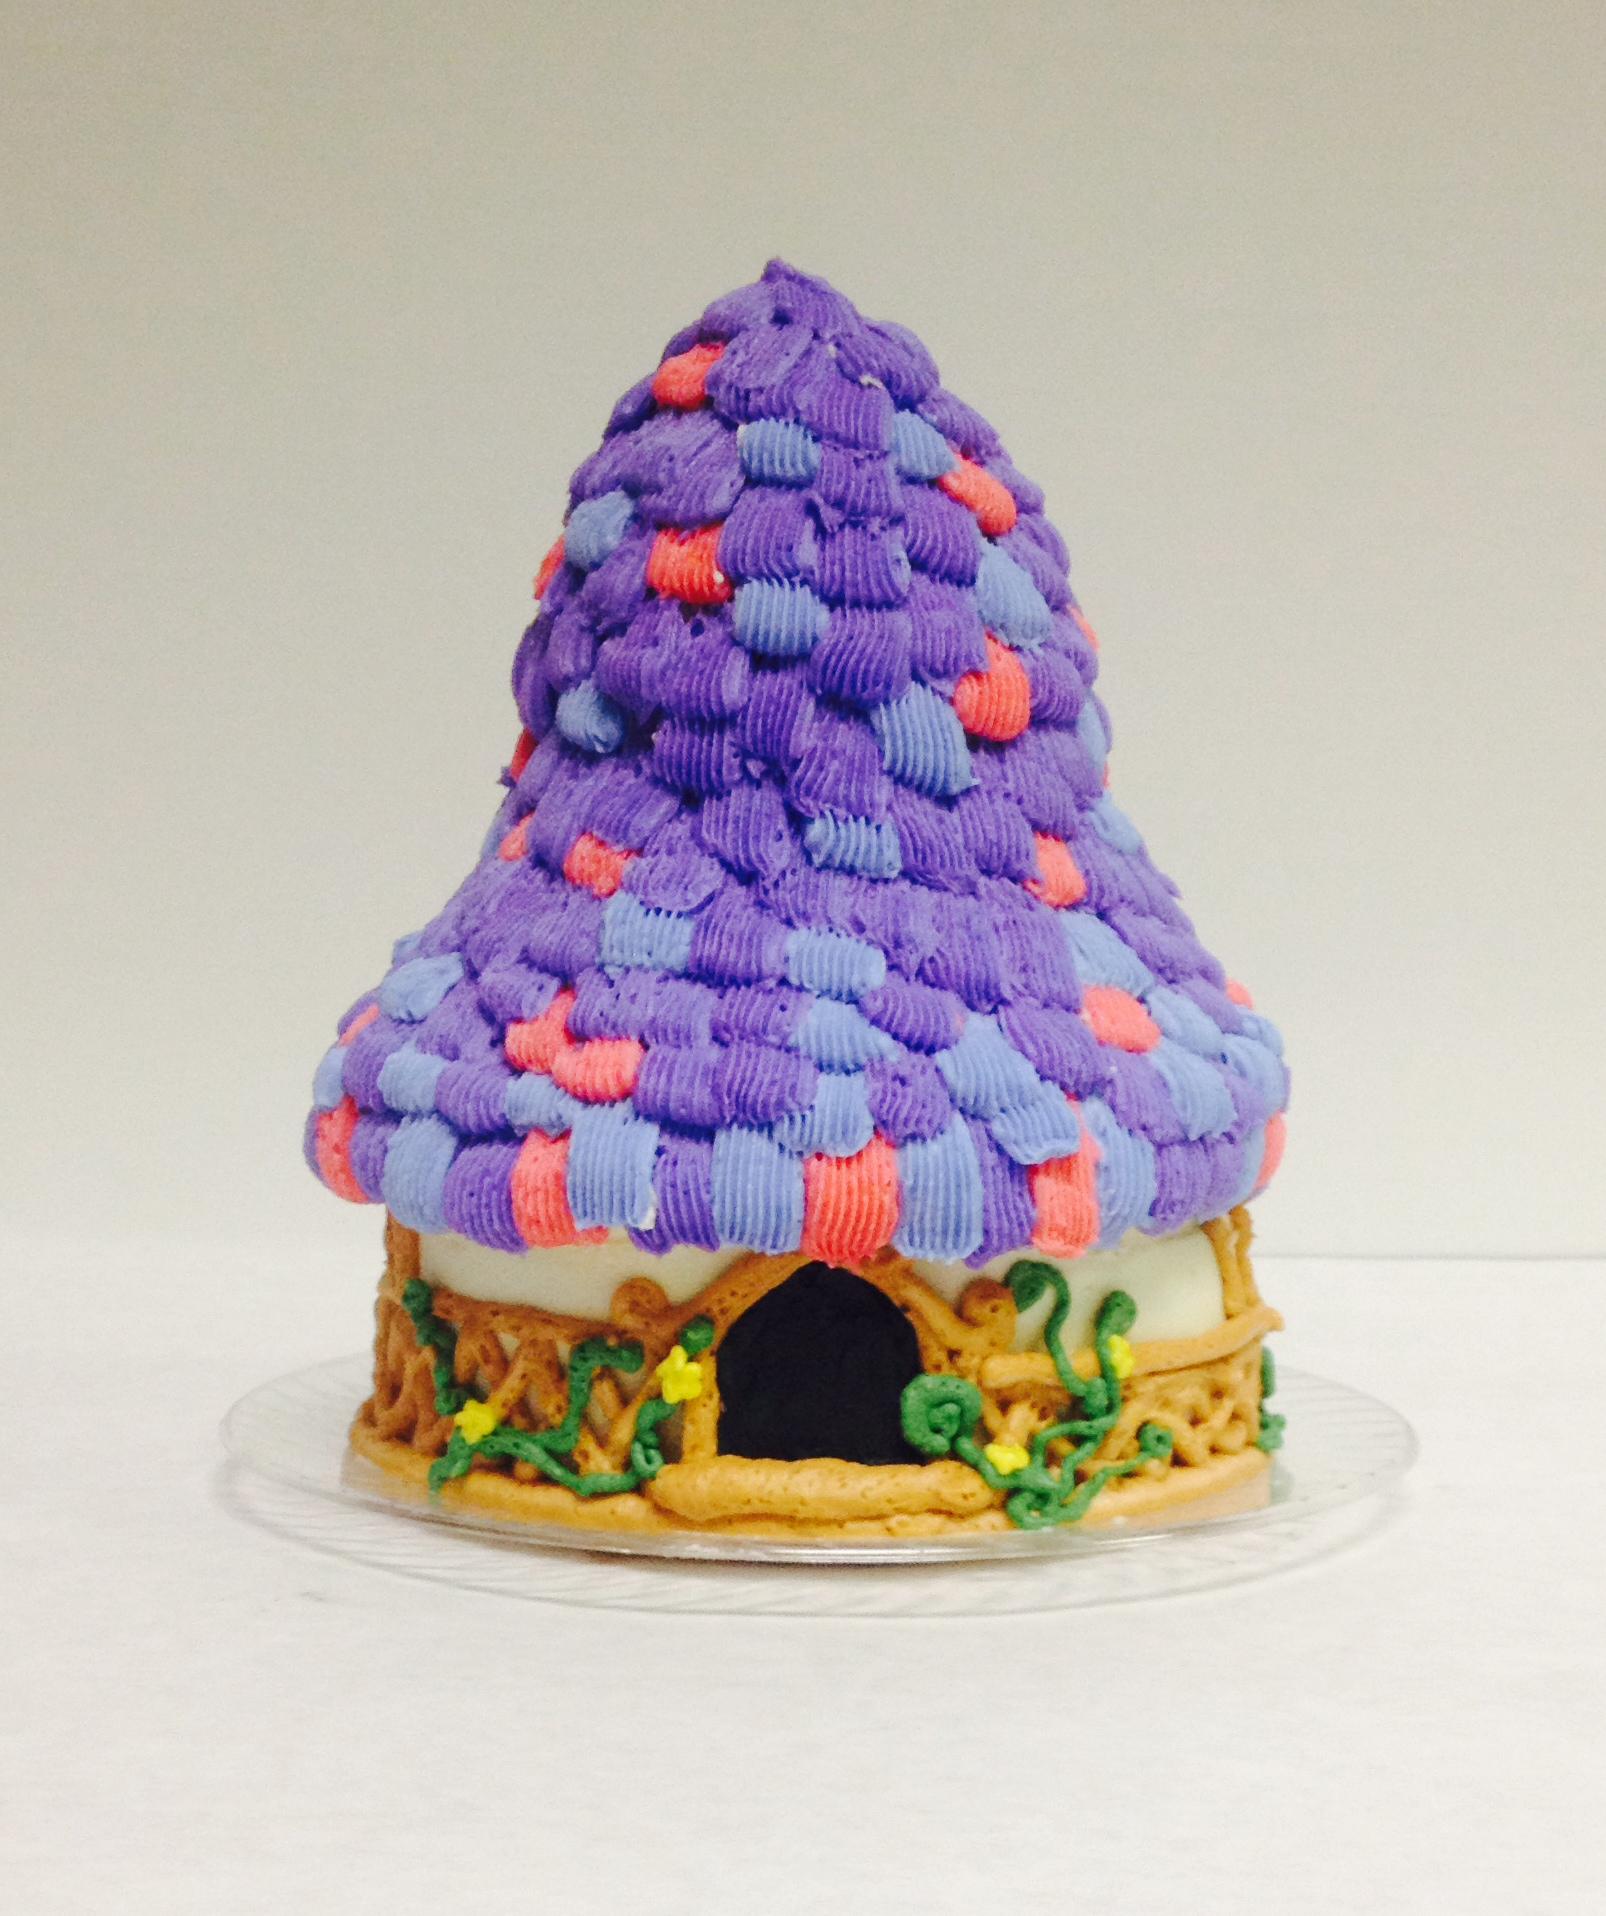 Rapunzels' tower